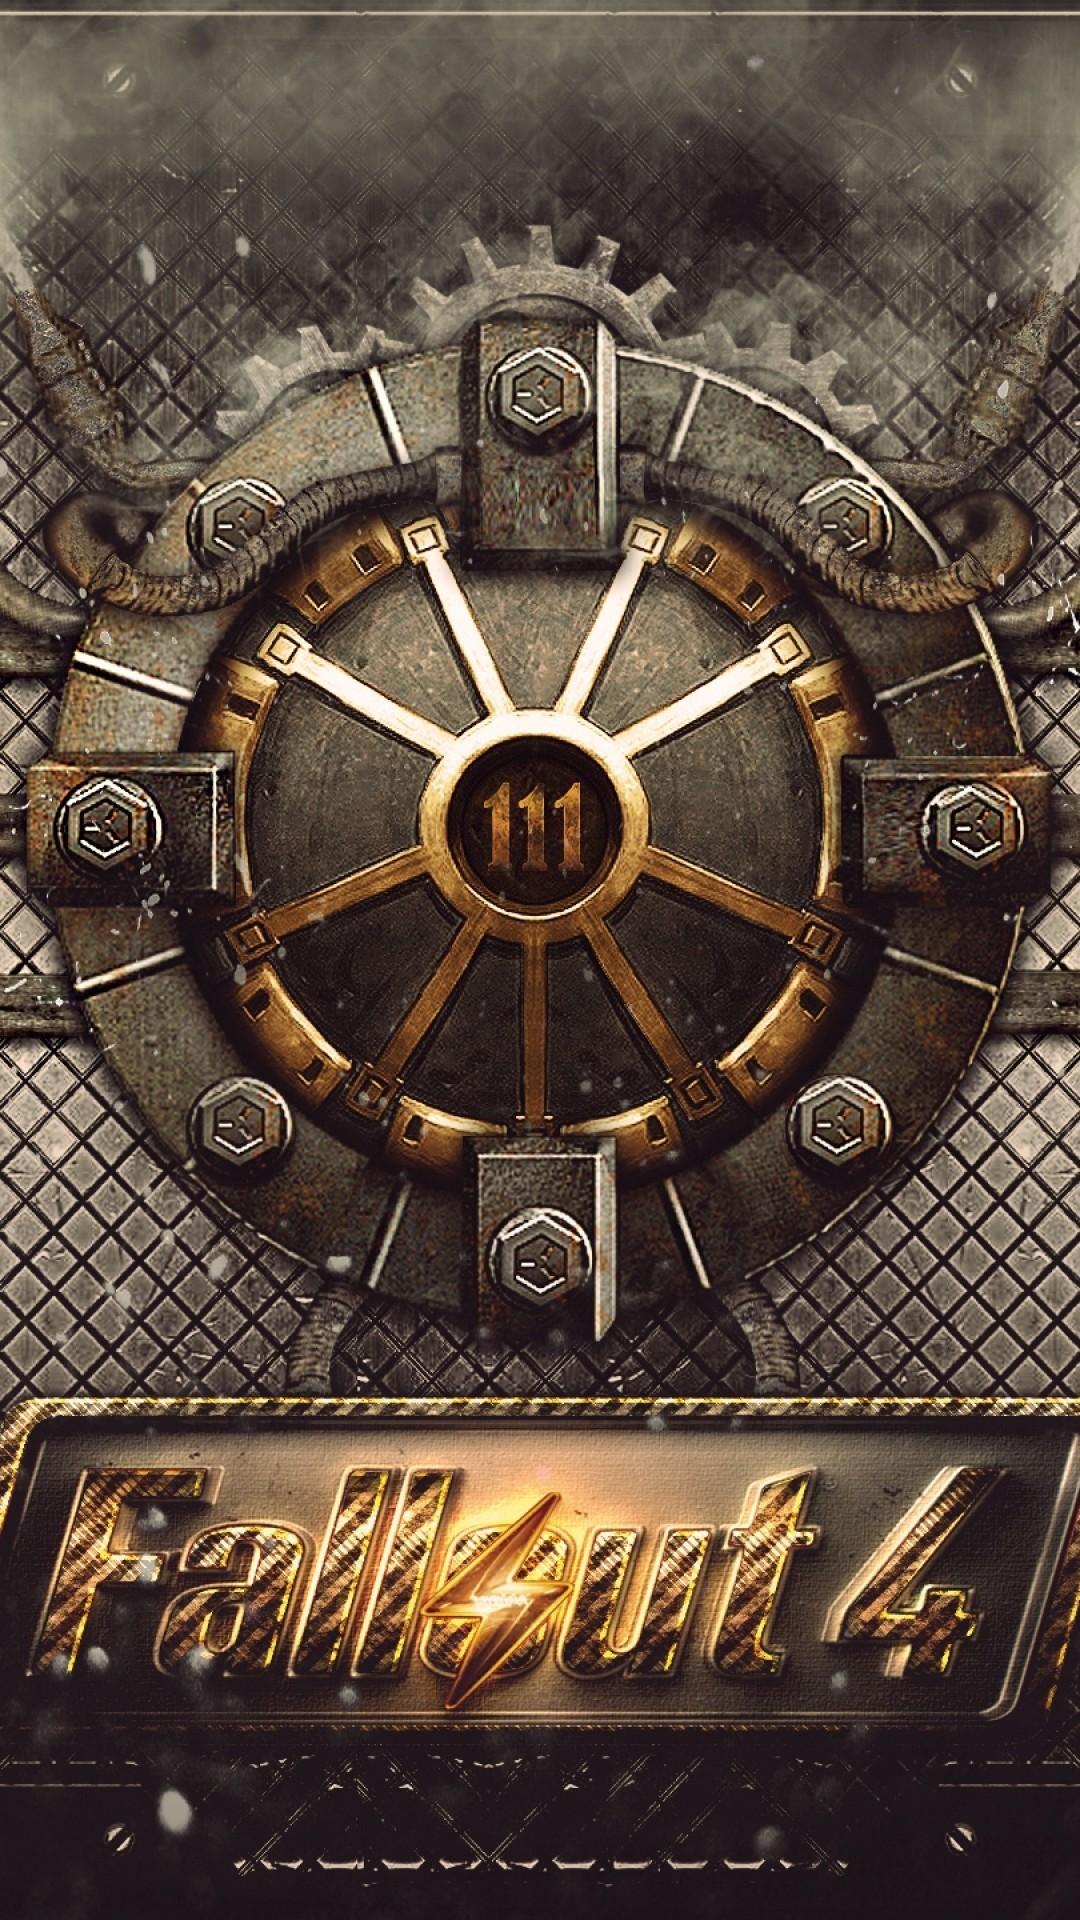 Fallout 4, Artwork, Steampunk